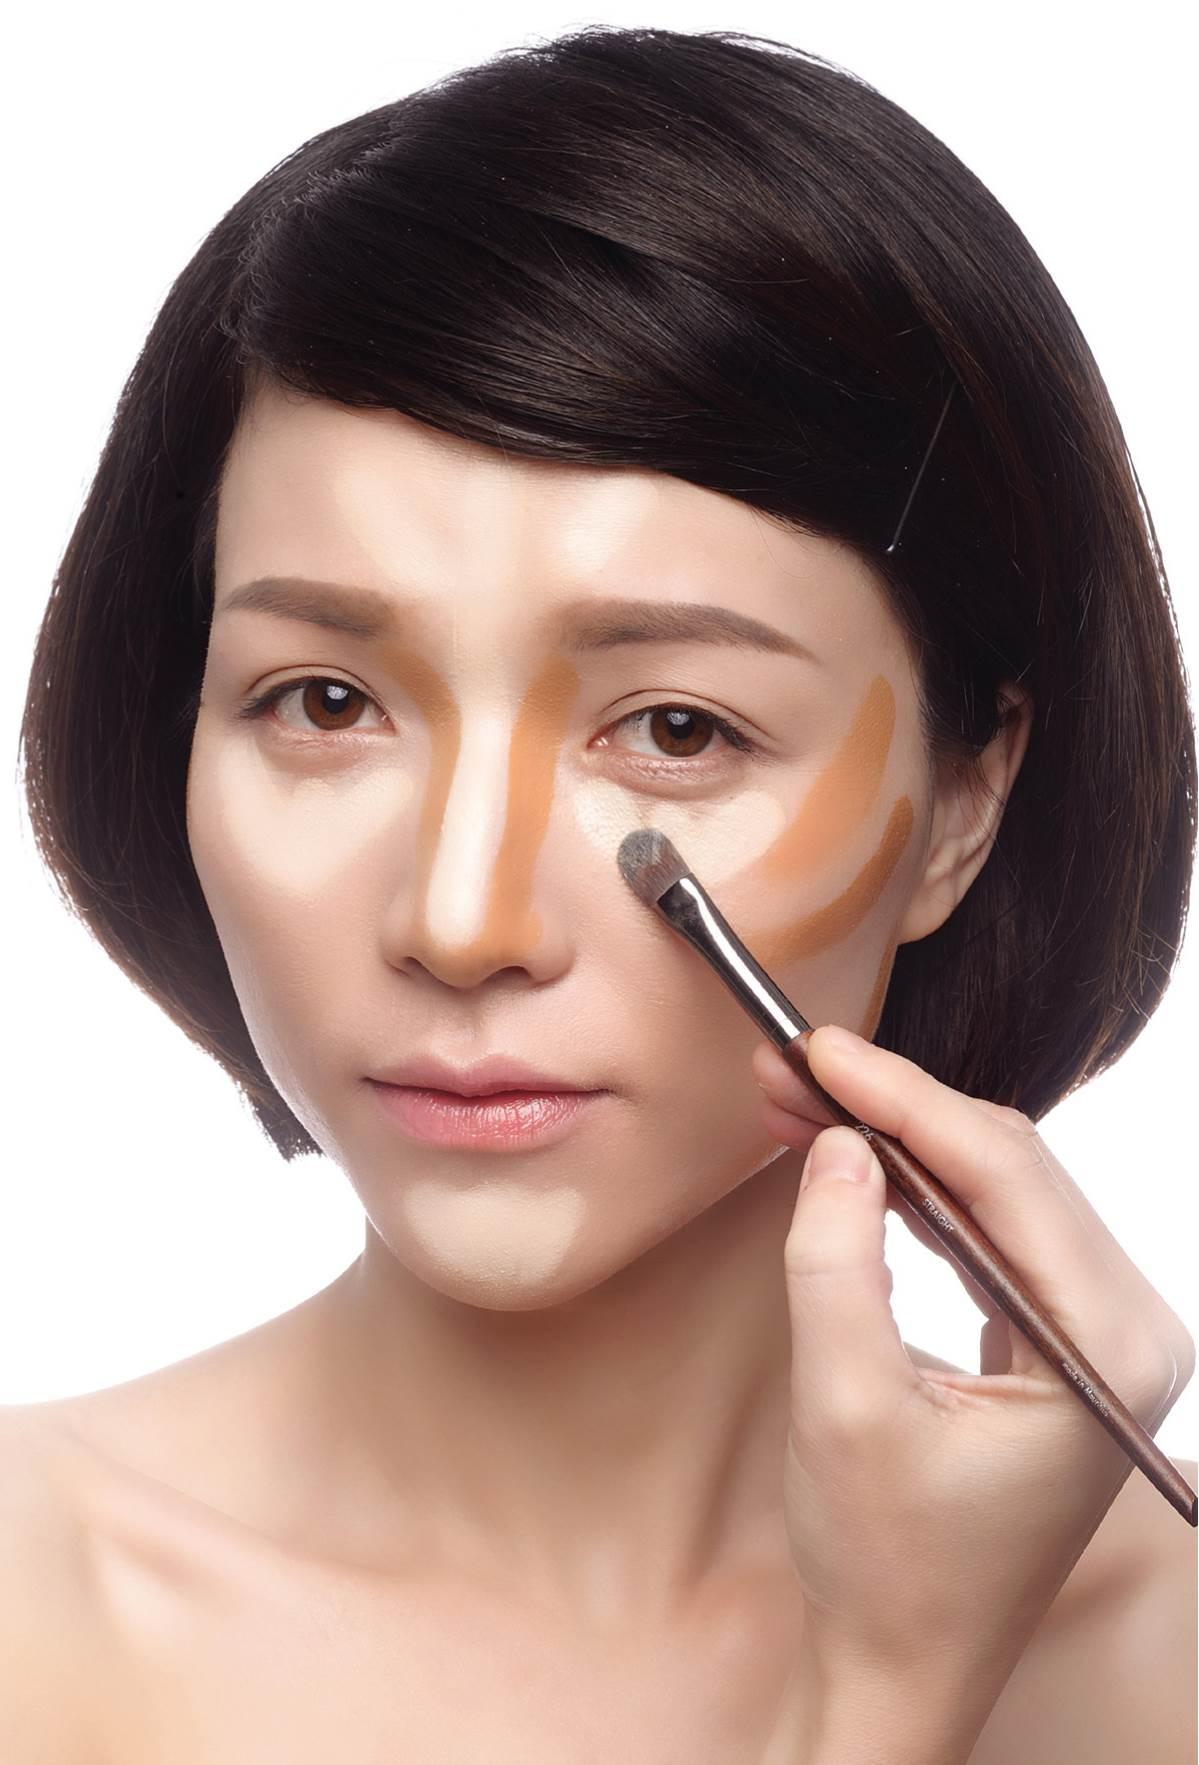 Cách tạo khối gương mặt cho người mới bắt đầu